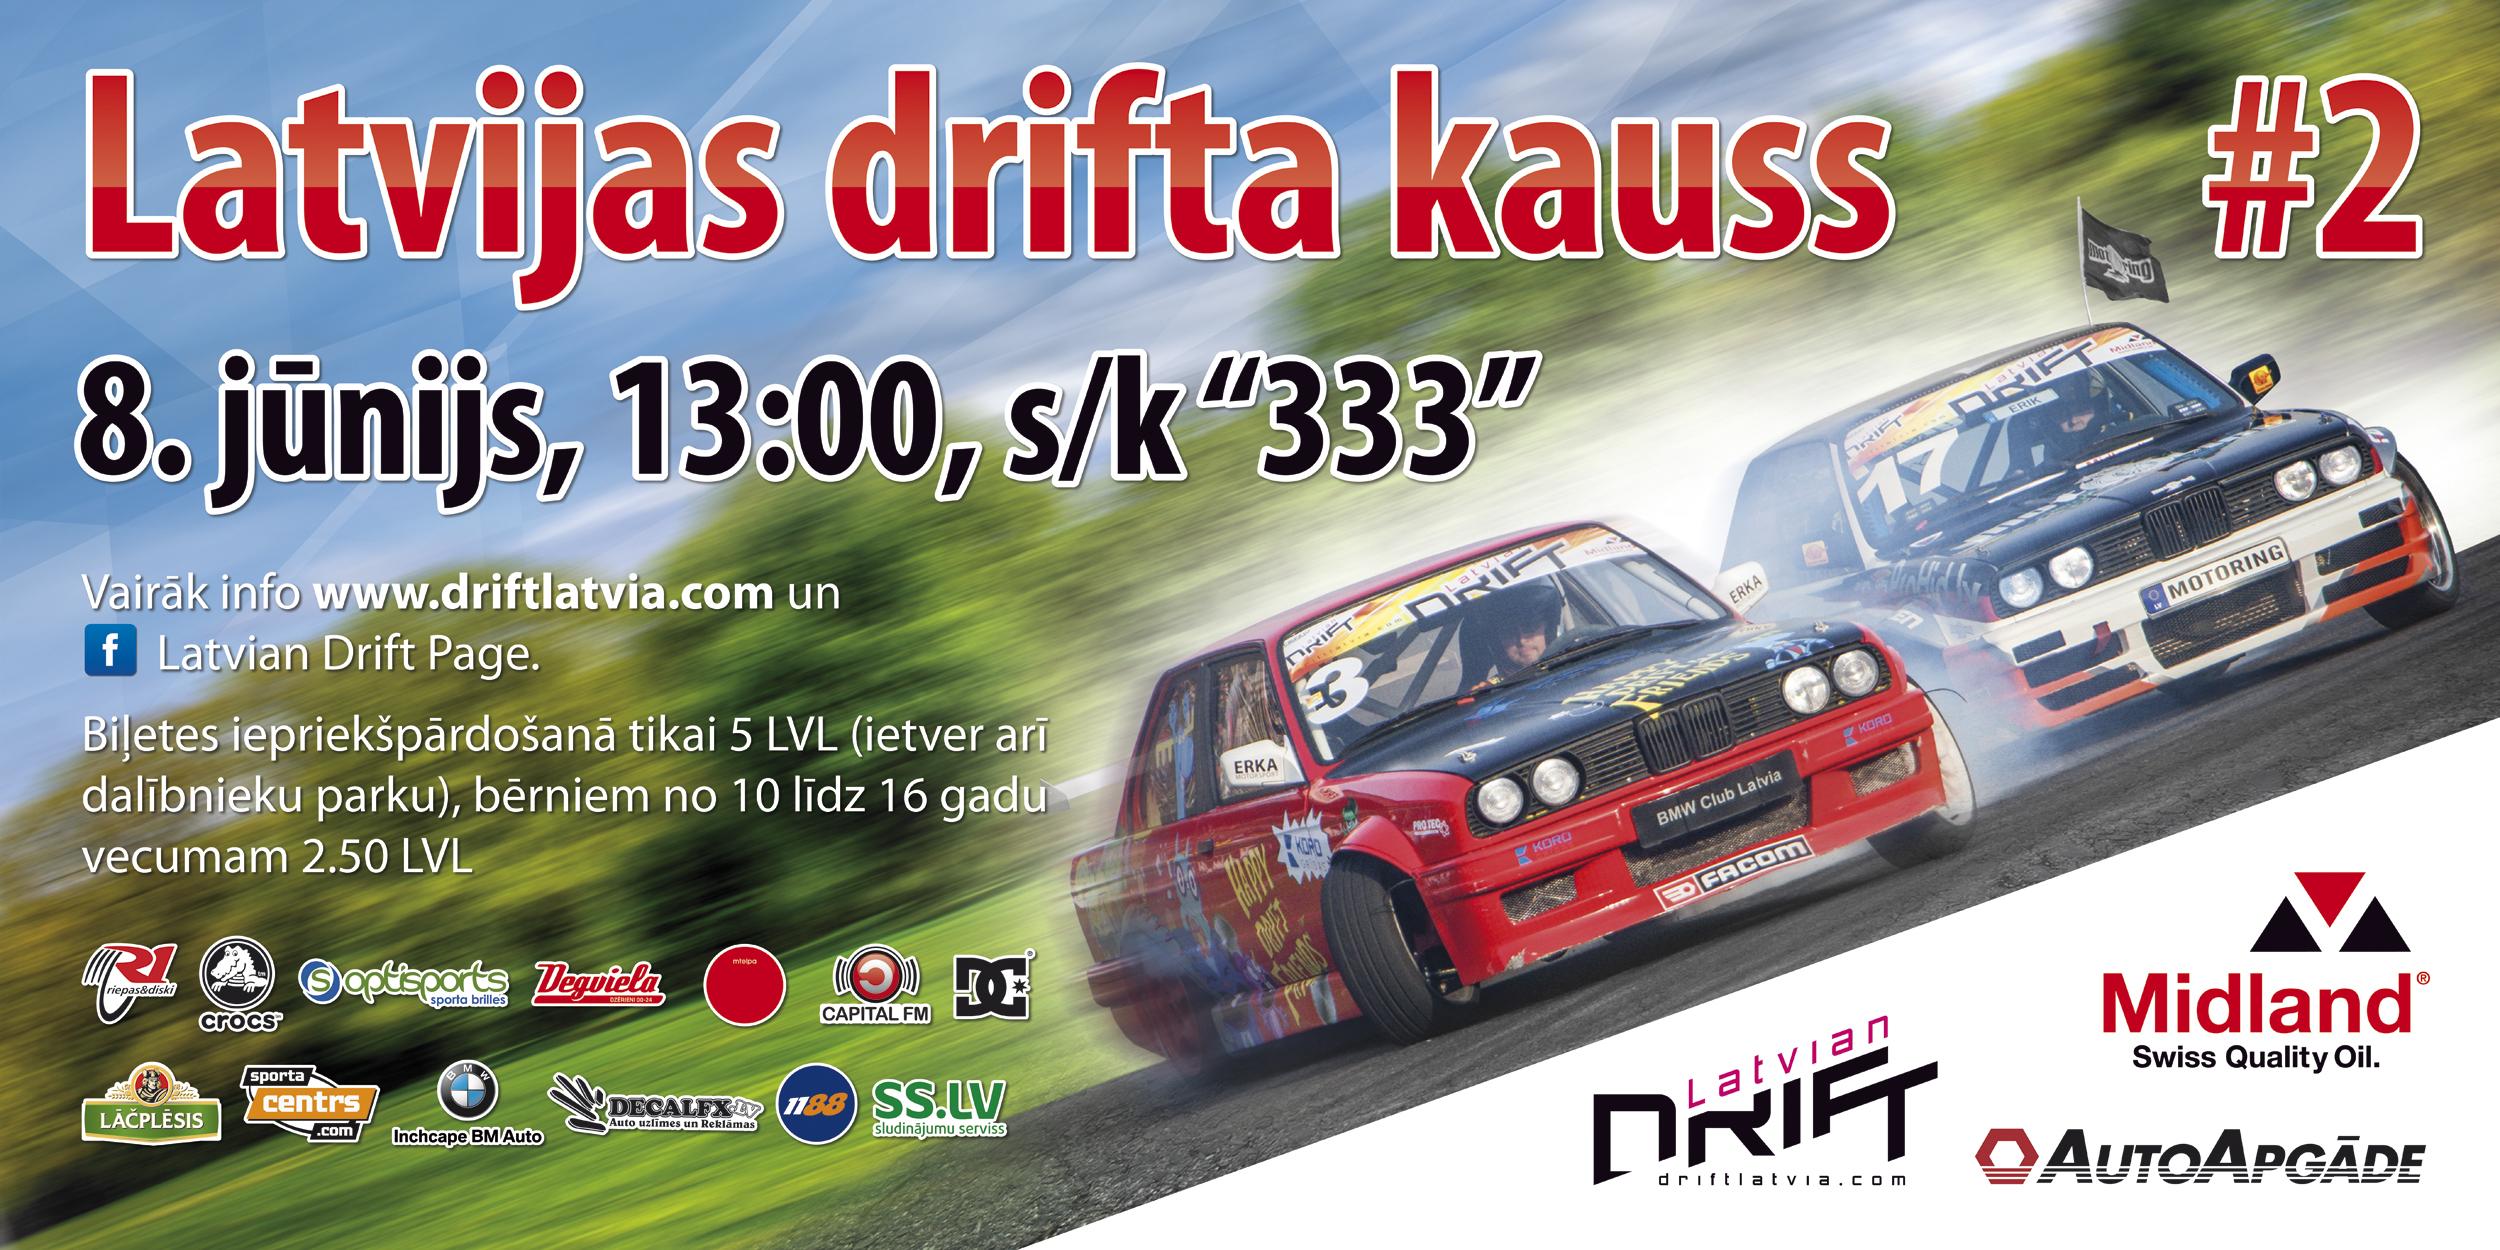 333 drifts